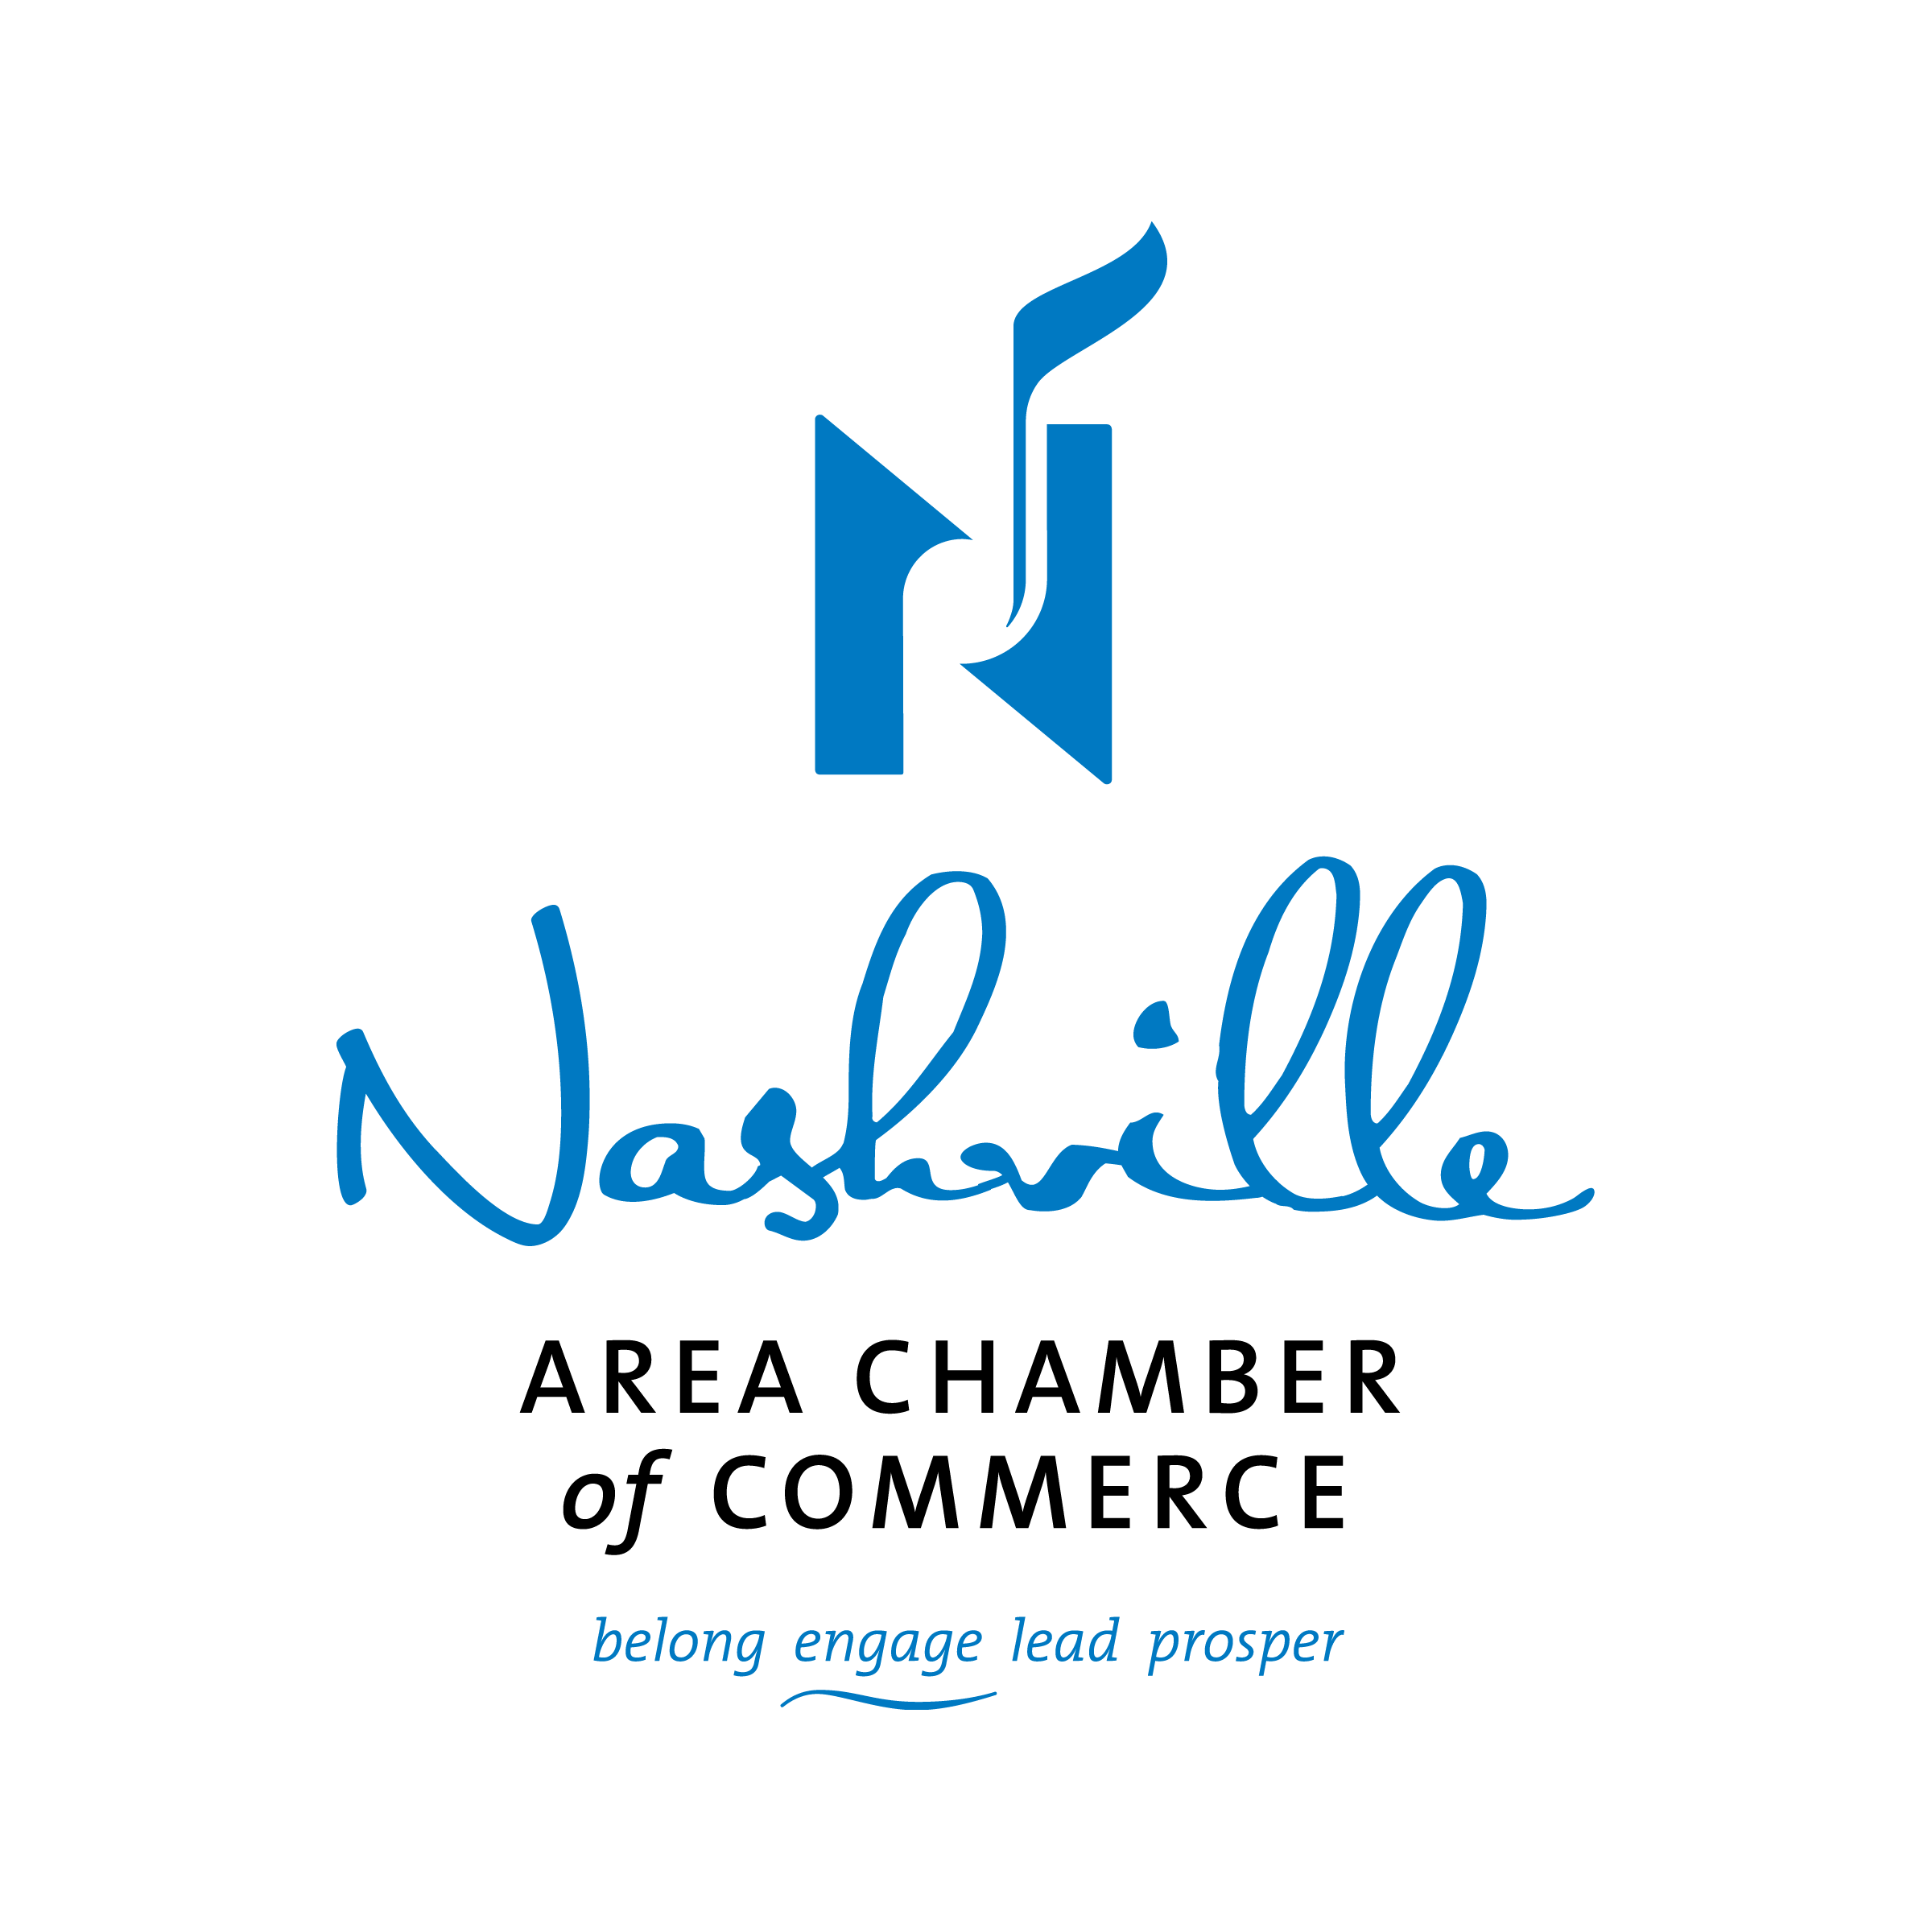 Nashville Area Chamber of Commerce -